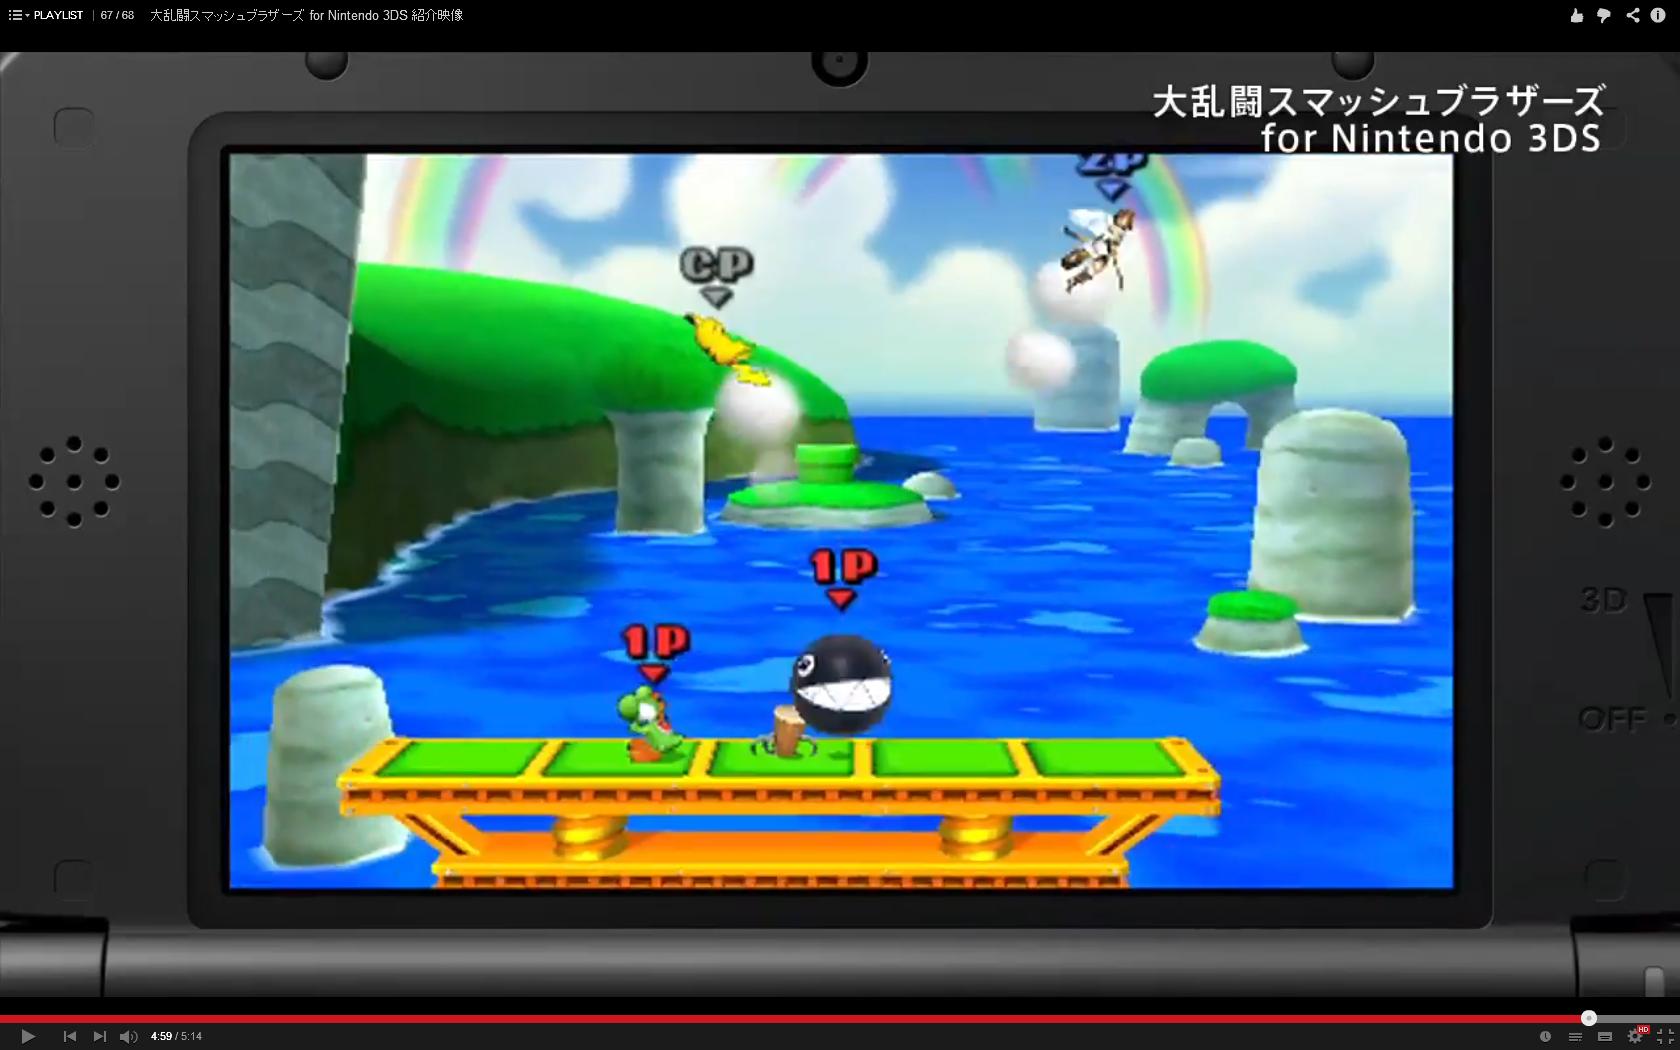 [Officiel] Liste des stages 3DS + nouvelle vidéo 1409319121050313300